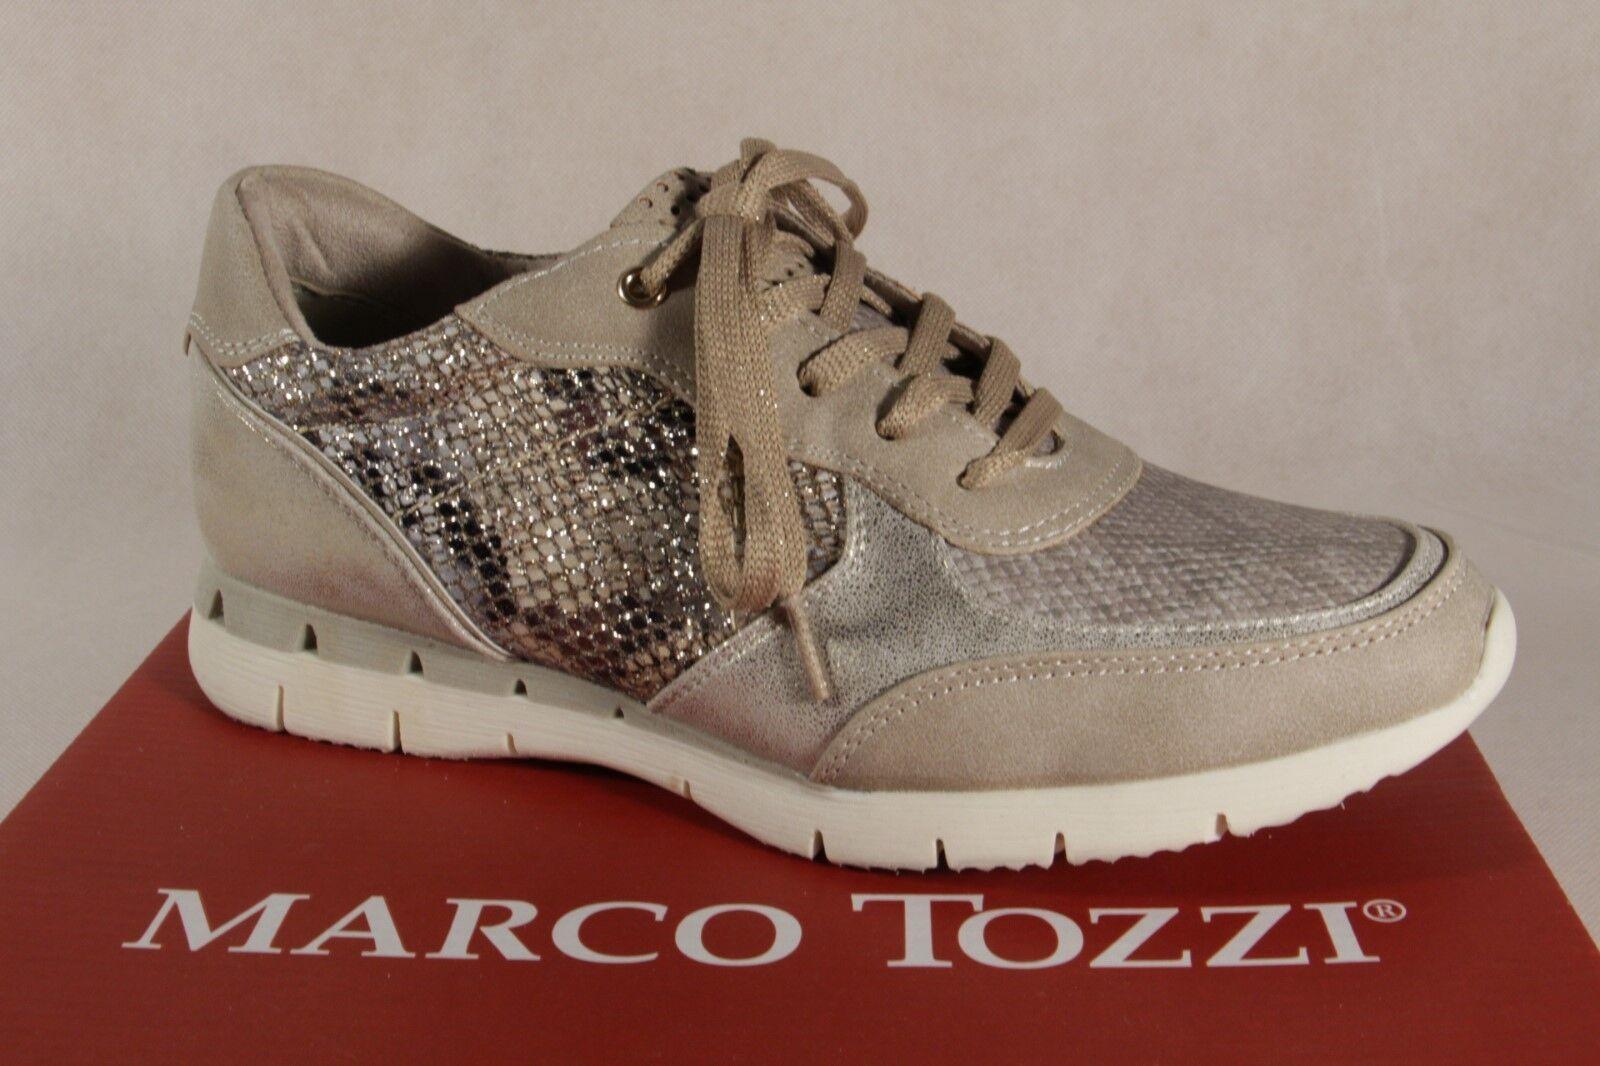 100% nuovo di zecca con qualità originale Marco Tozzi Scarpe con Lacci Scarpe Scarpe Scarpe da Ginnastica Basse Beige 23703 Nuovo  autorizzazione